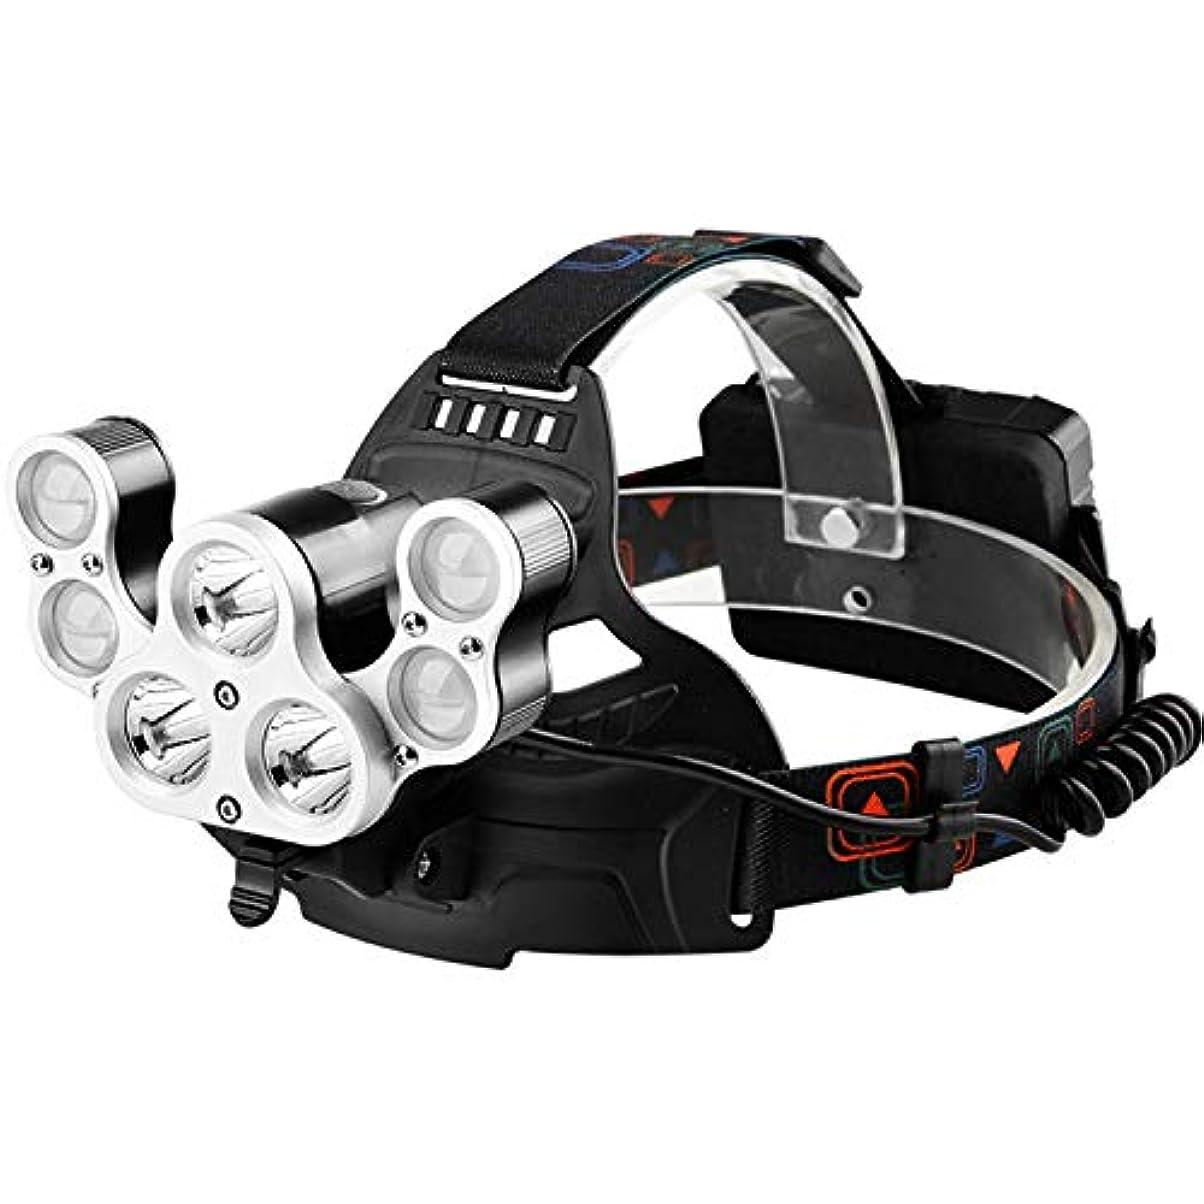 ライトニング子豚石鹸ヘッドライト、スーパーブライトグレア、ヘッドマウント式、充電式屋外ハンティングマイナーのランプ、LEDナイトライトフィッシング懐中電灯